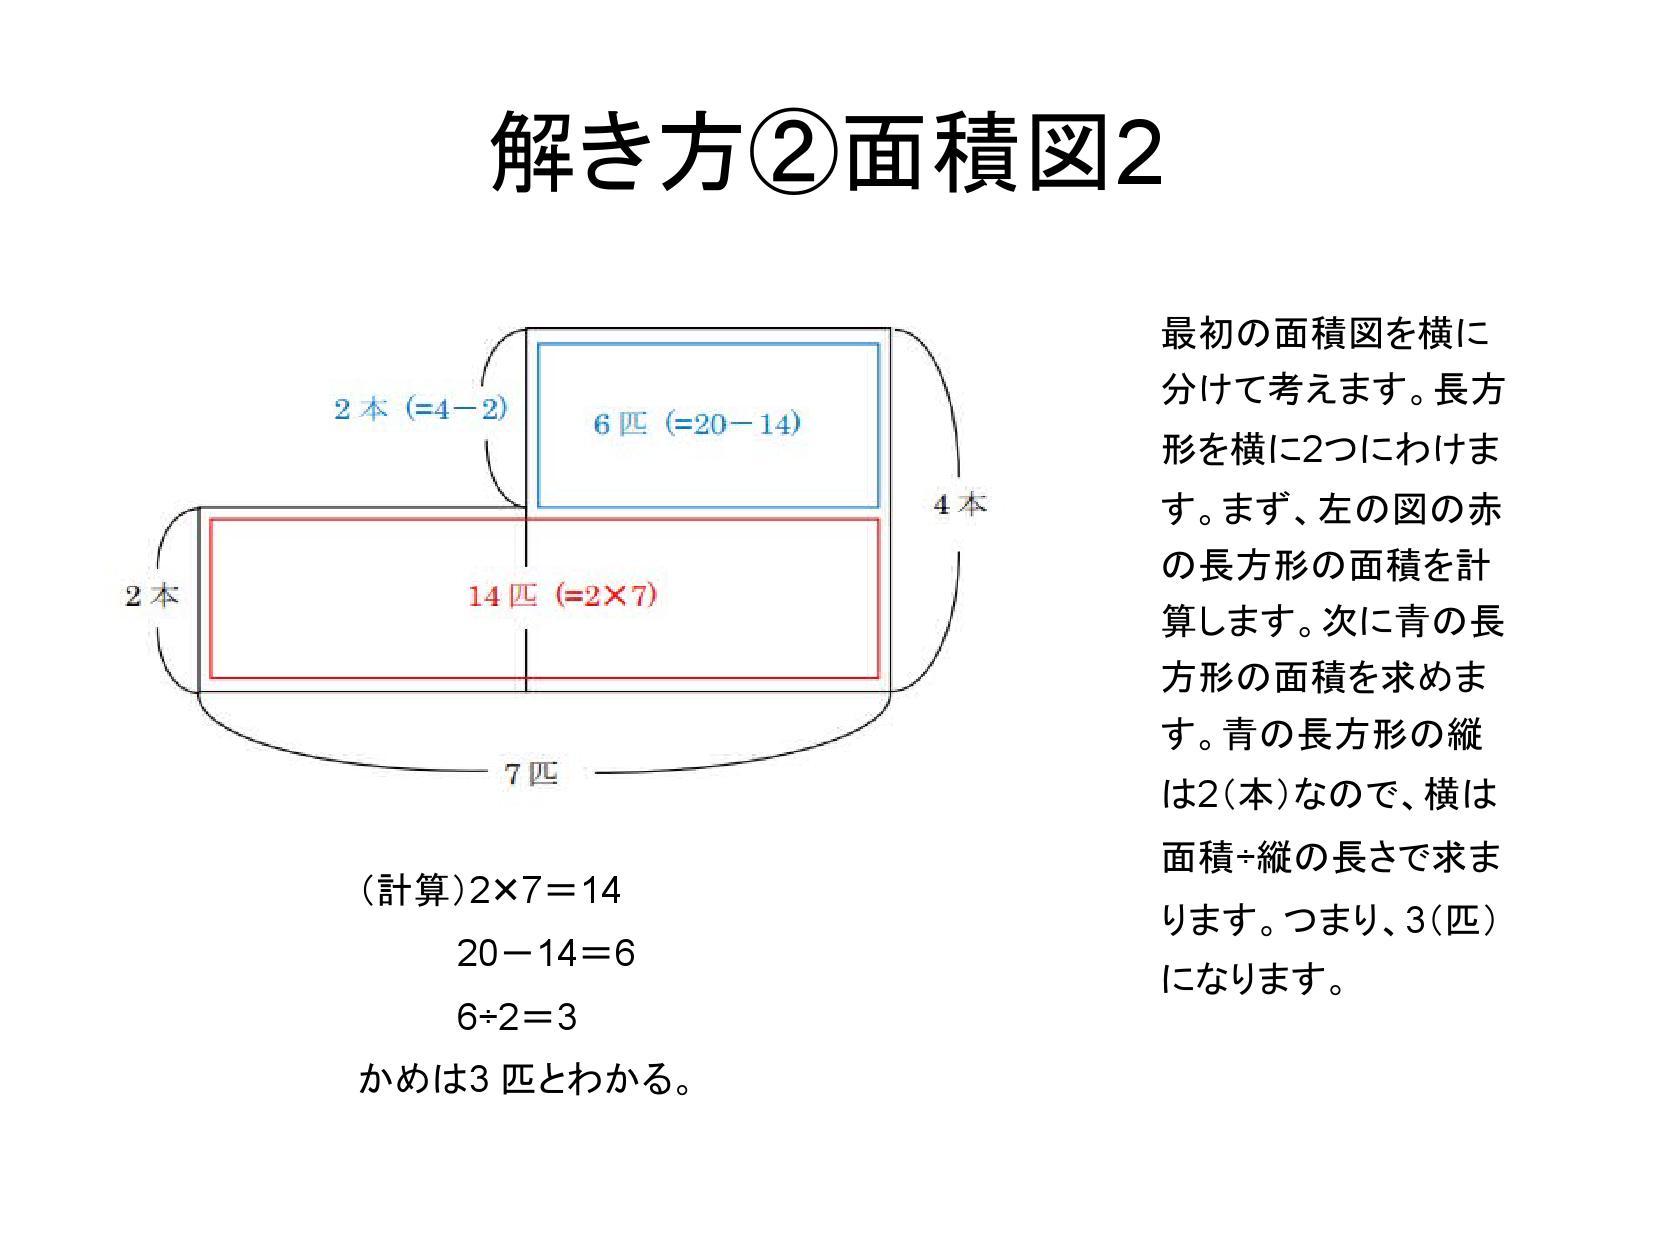 最初の面積図を横に分けて考えます。長方形を横に2つにわけます。まず、左の図の赤の長方形の面積を計算します。次に青の長方形の面積を求めます。青の長方形の縦は2(本)なので、横は面積÷縦の長さで求まります。つまり、3(匹)になります。